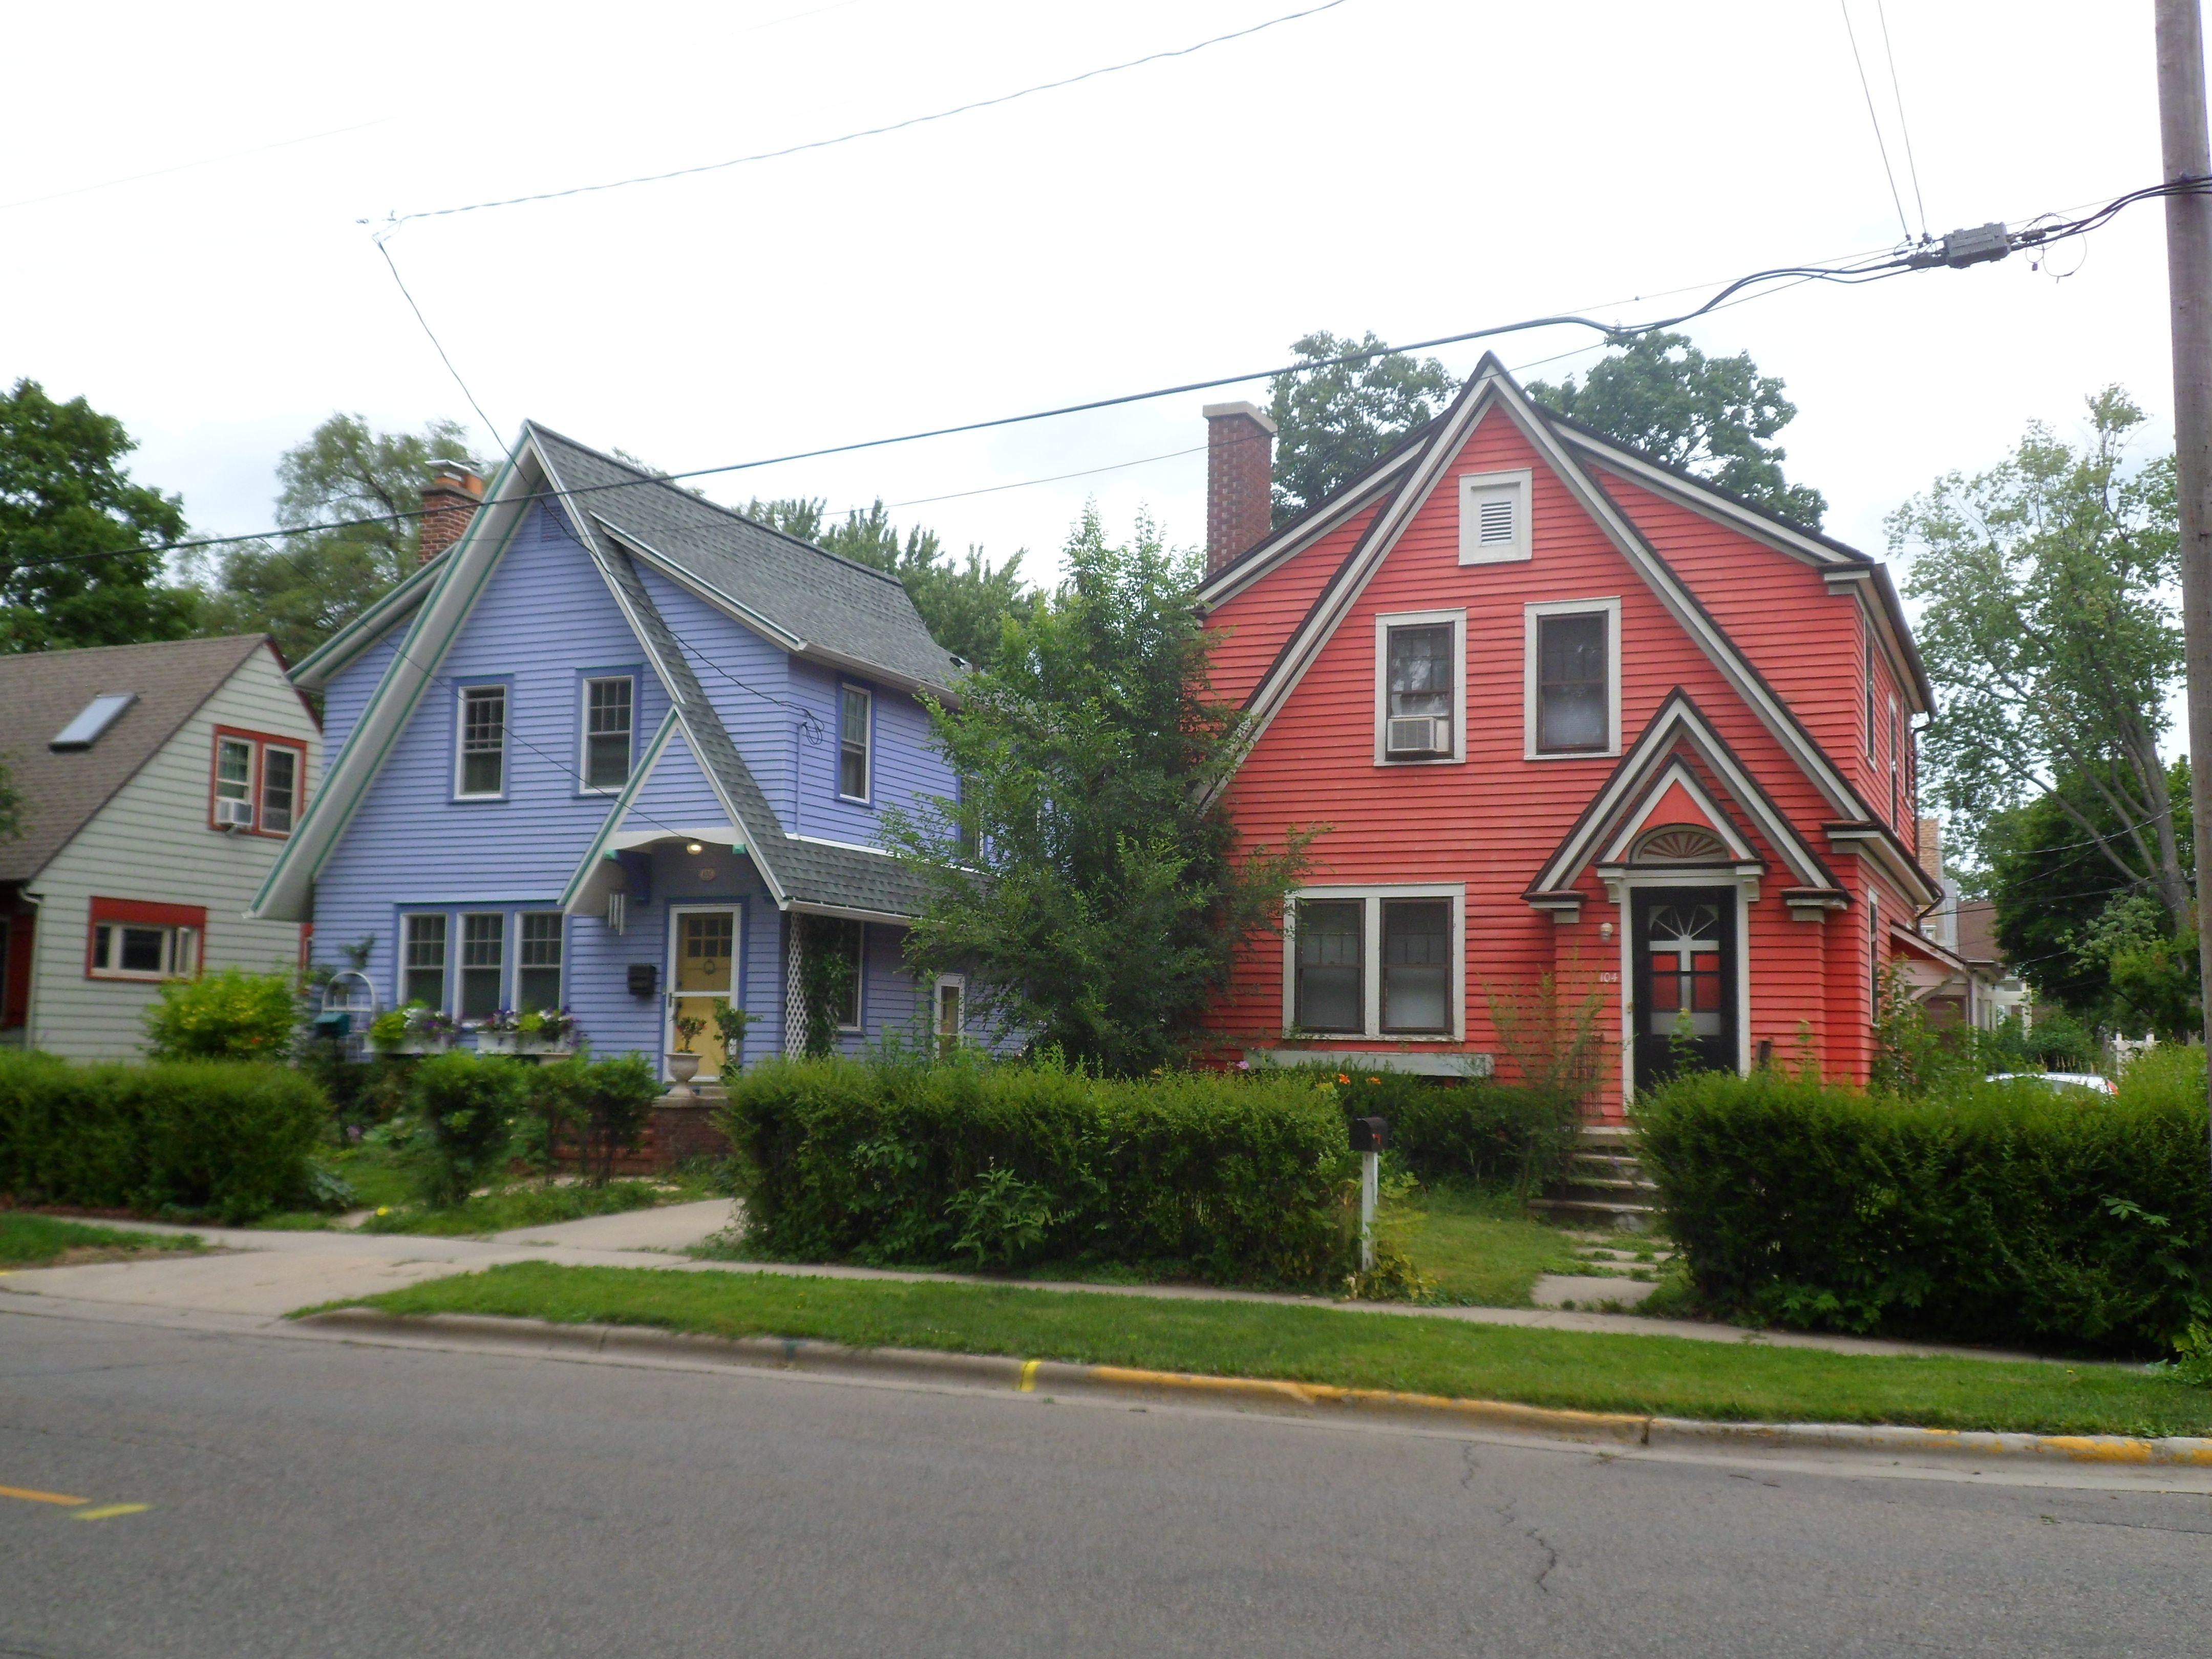 Purple & Red House. Madison, Wisconsin madisonWI